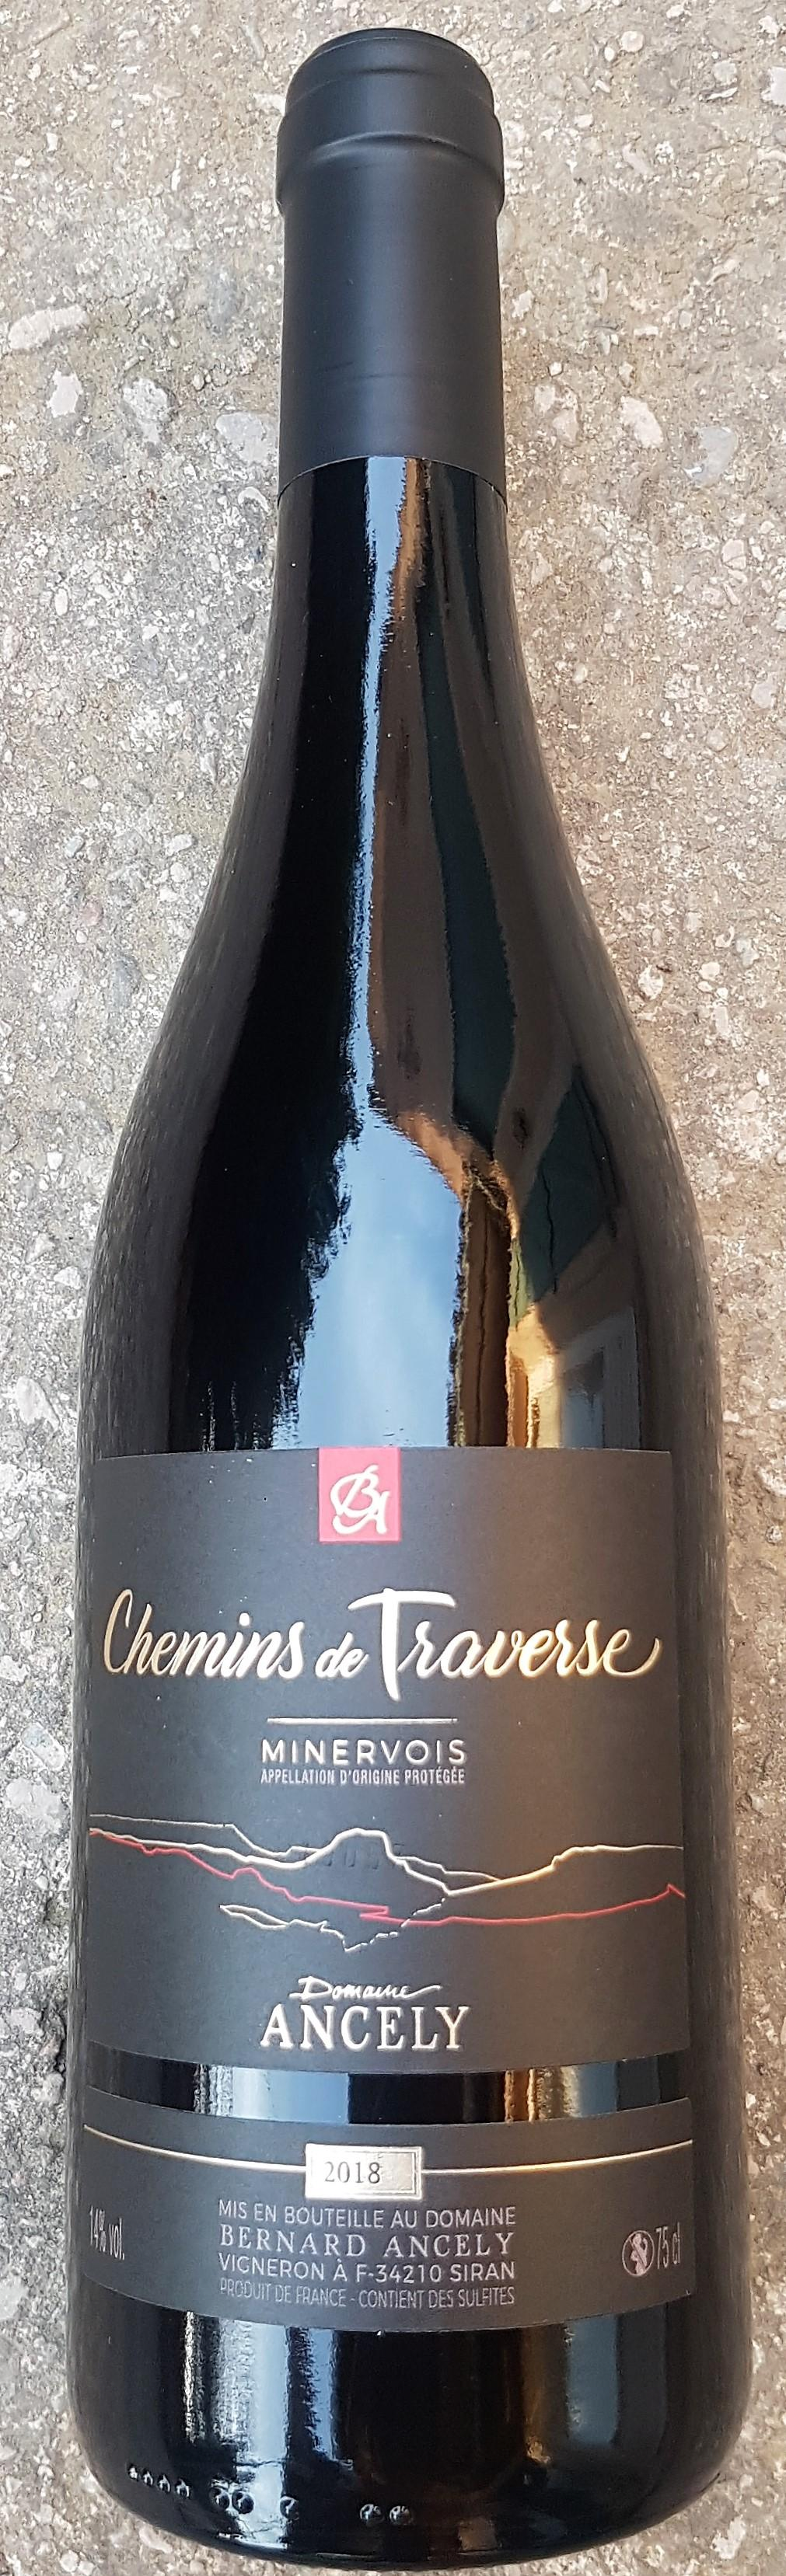 MINERVOIS CHEMINS DE TRAVERSE